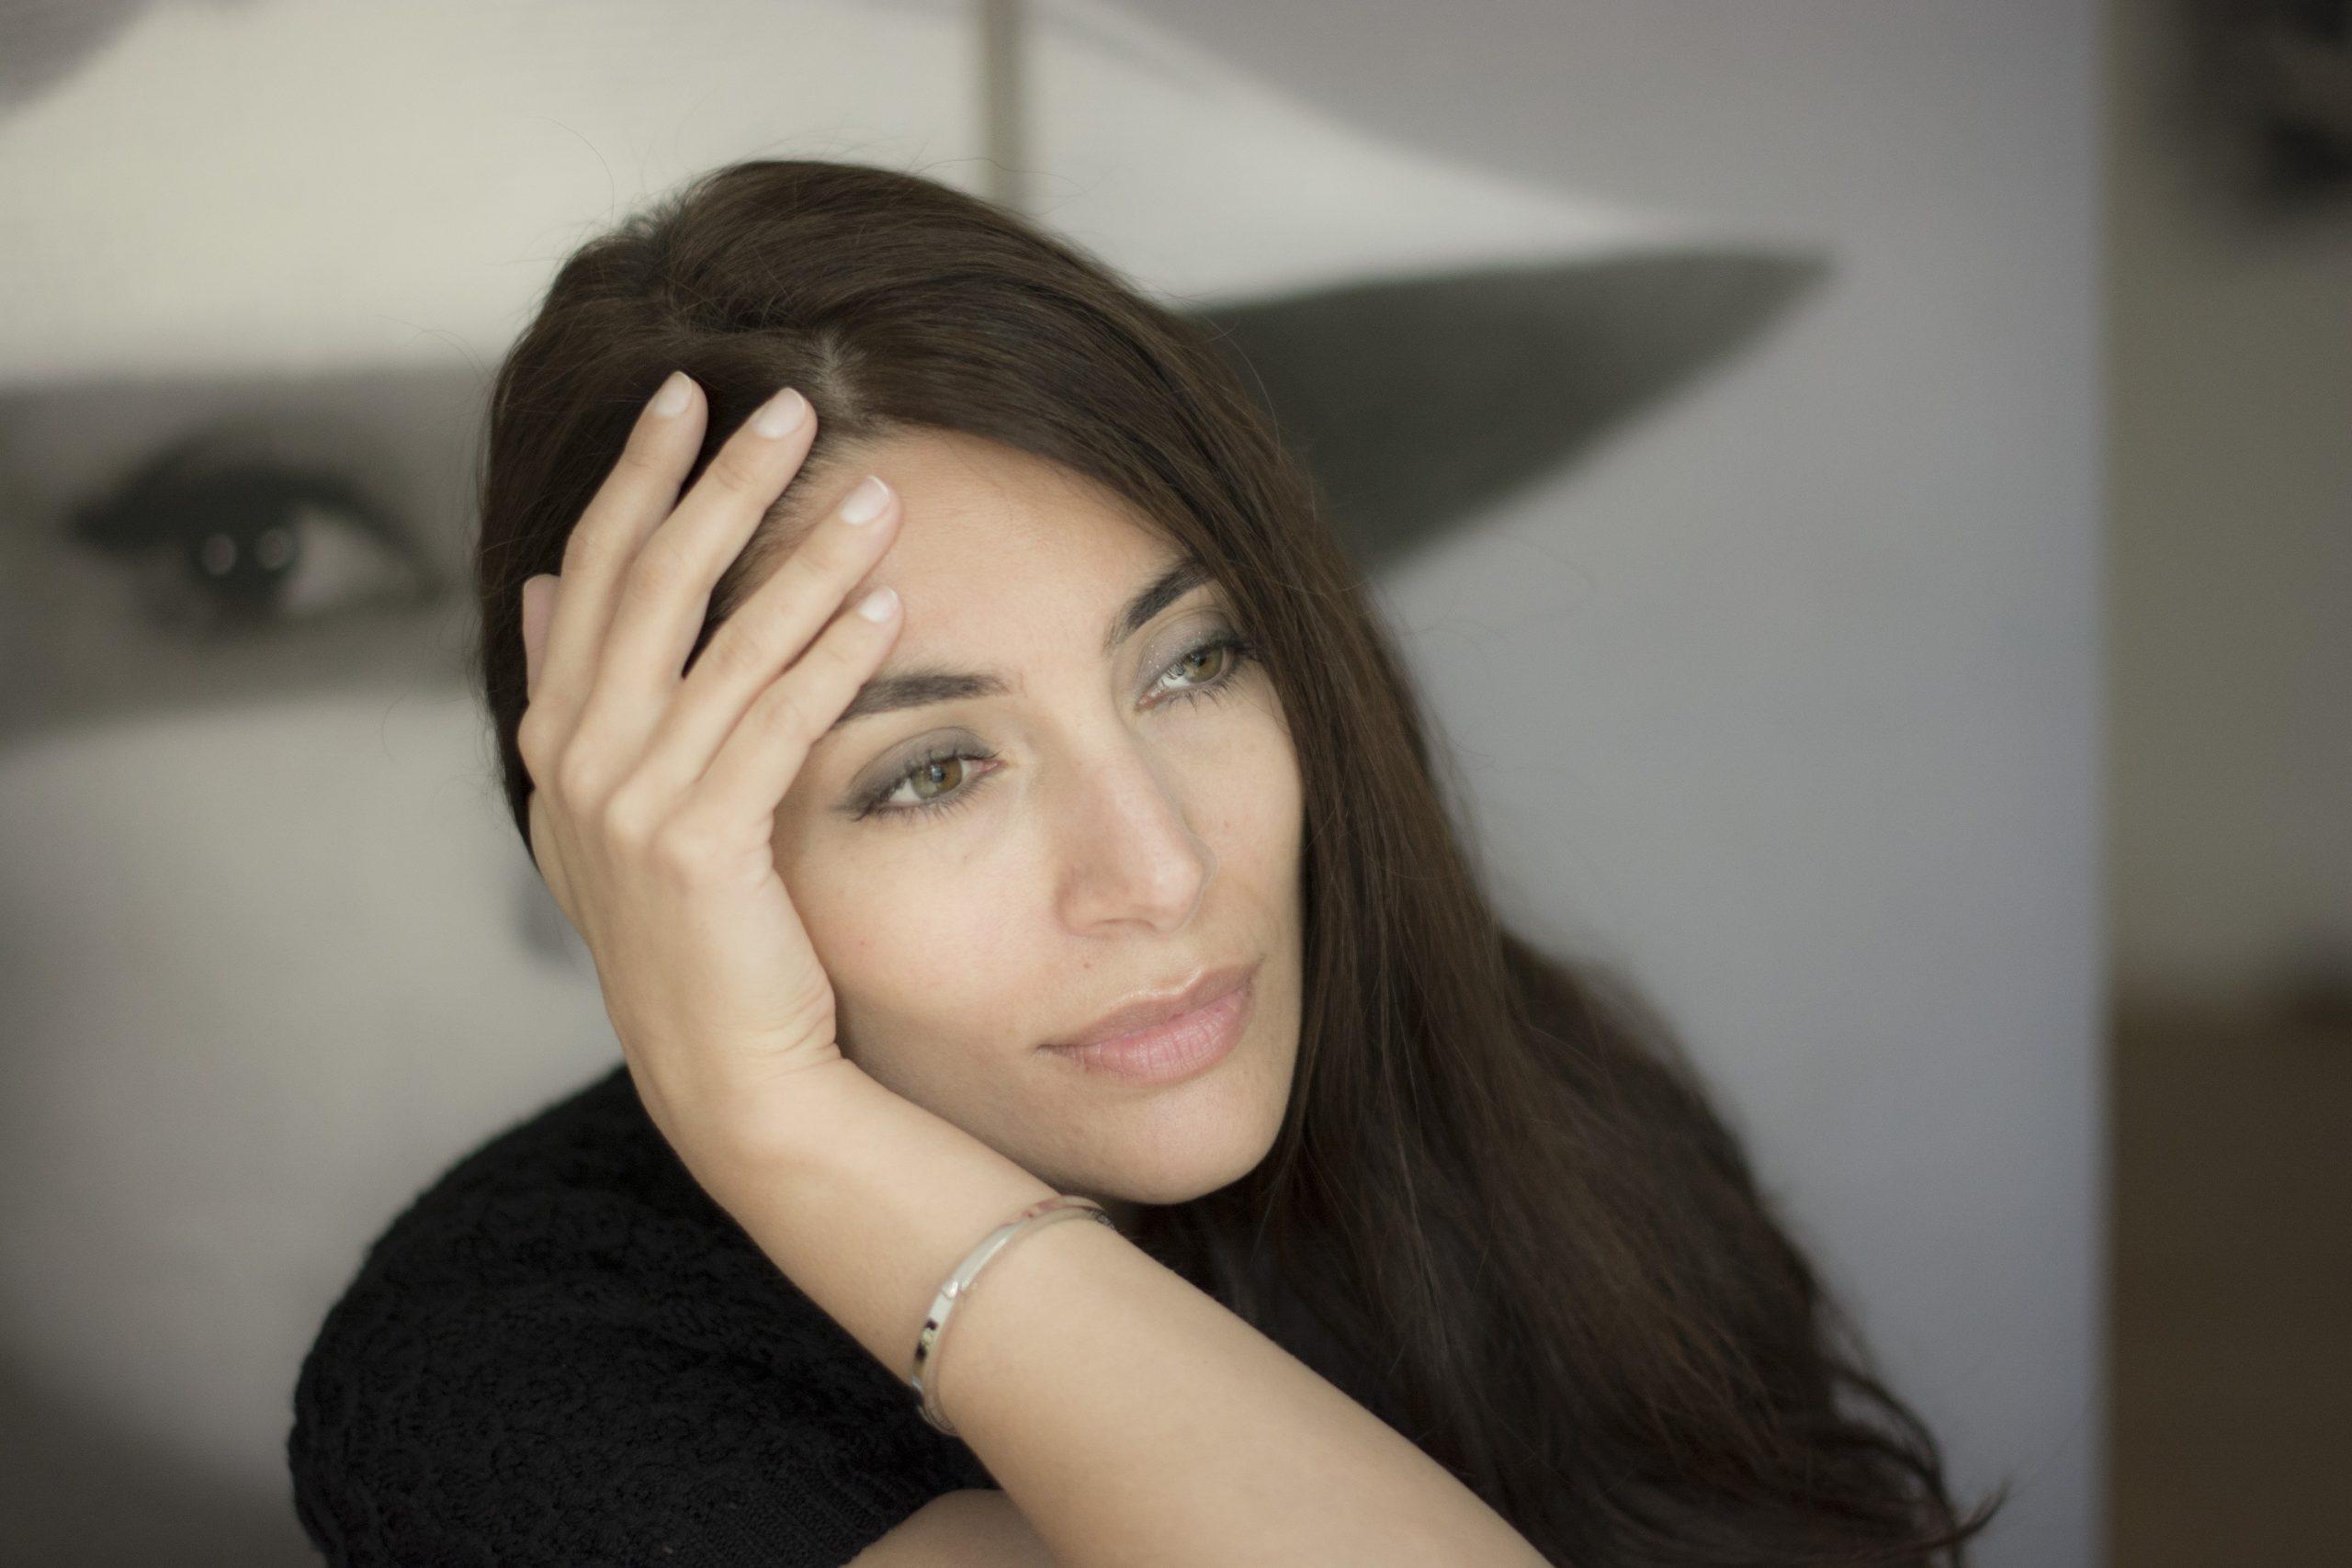 Caterina Murino DSC 3222 3 ph Alida Vanni medium 1